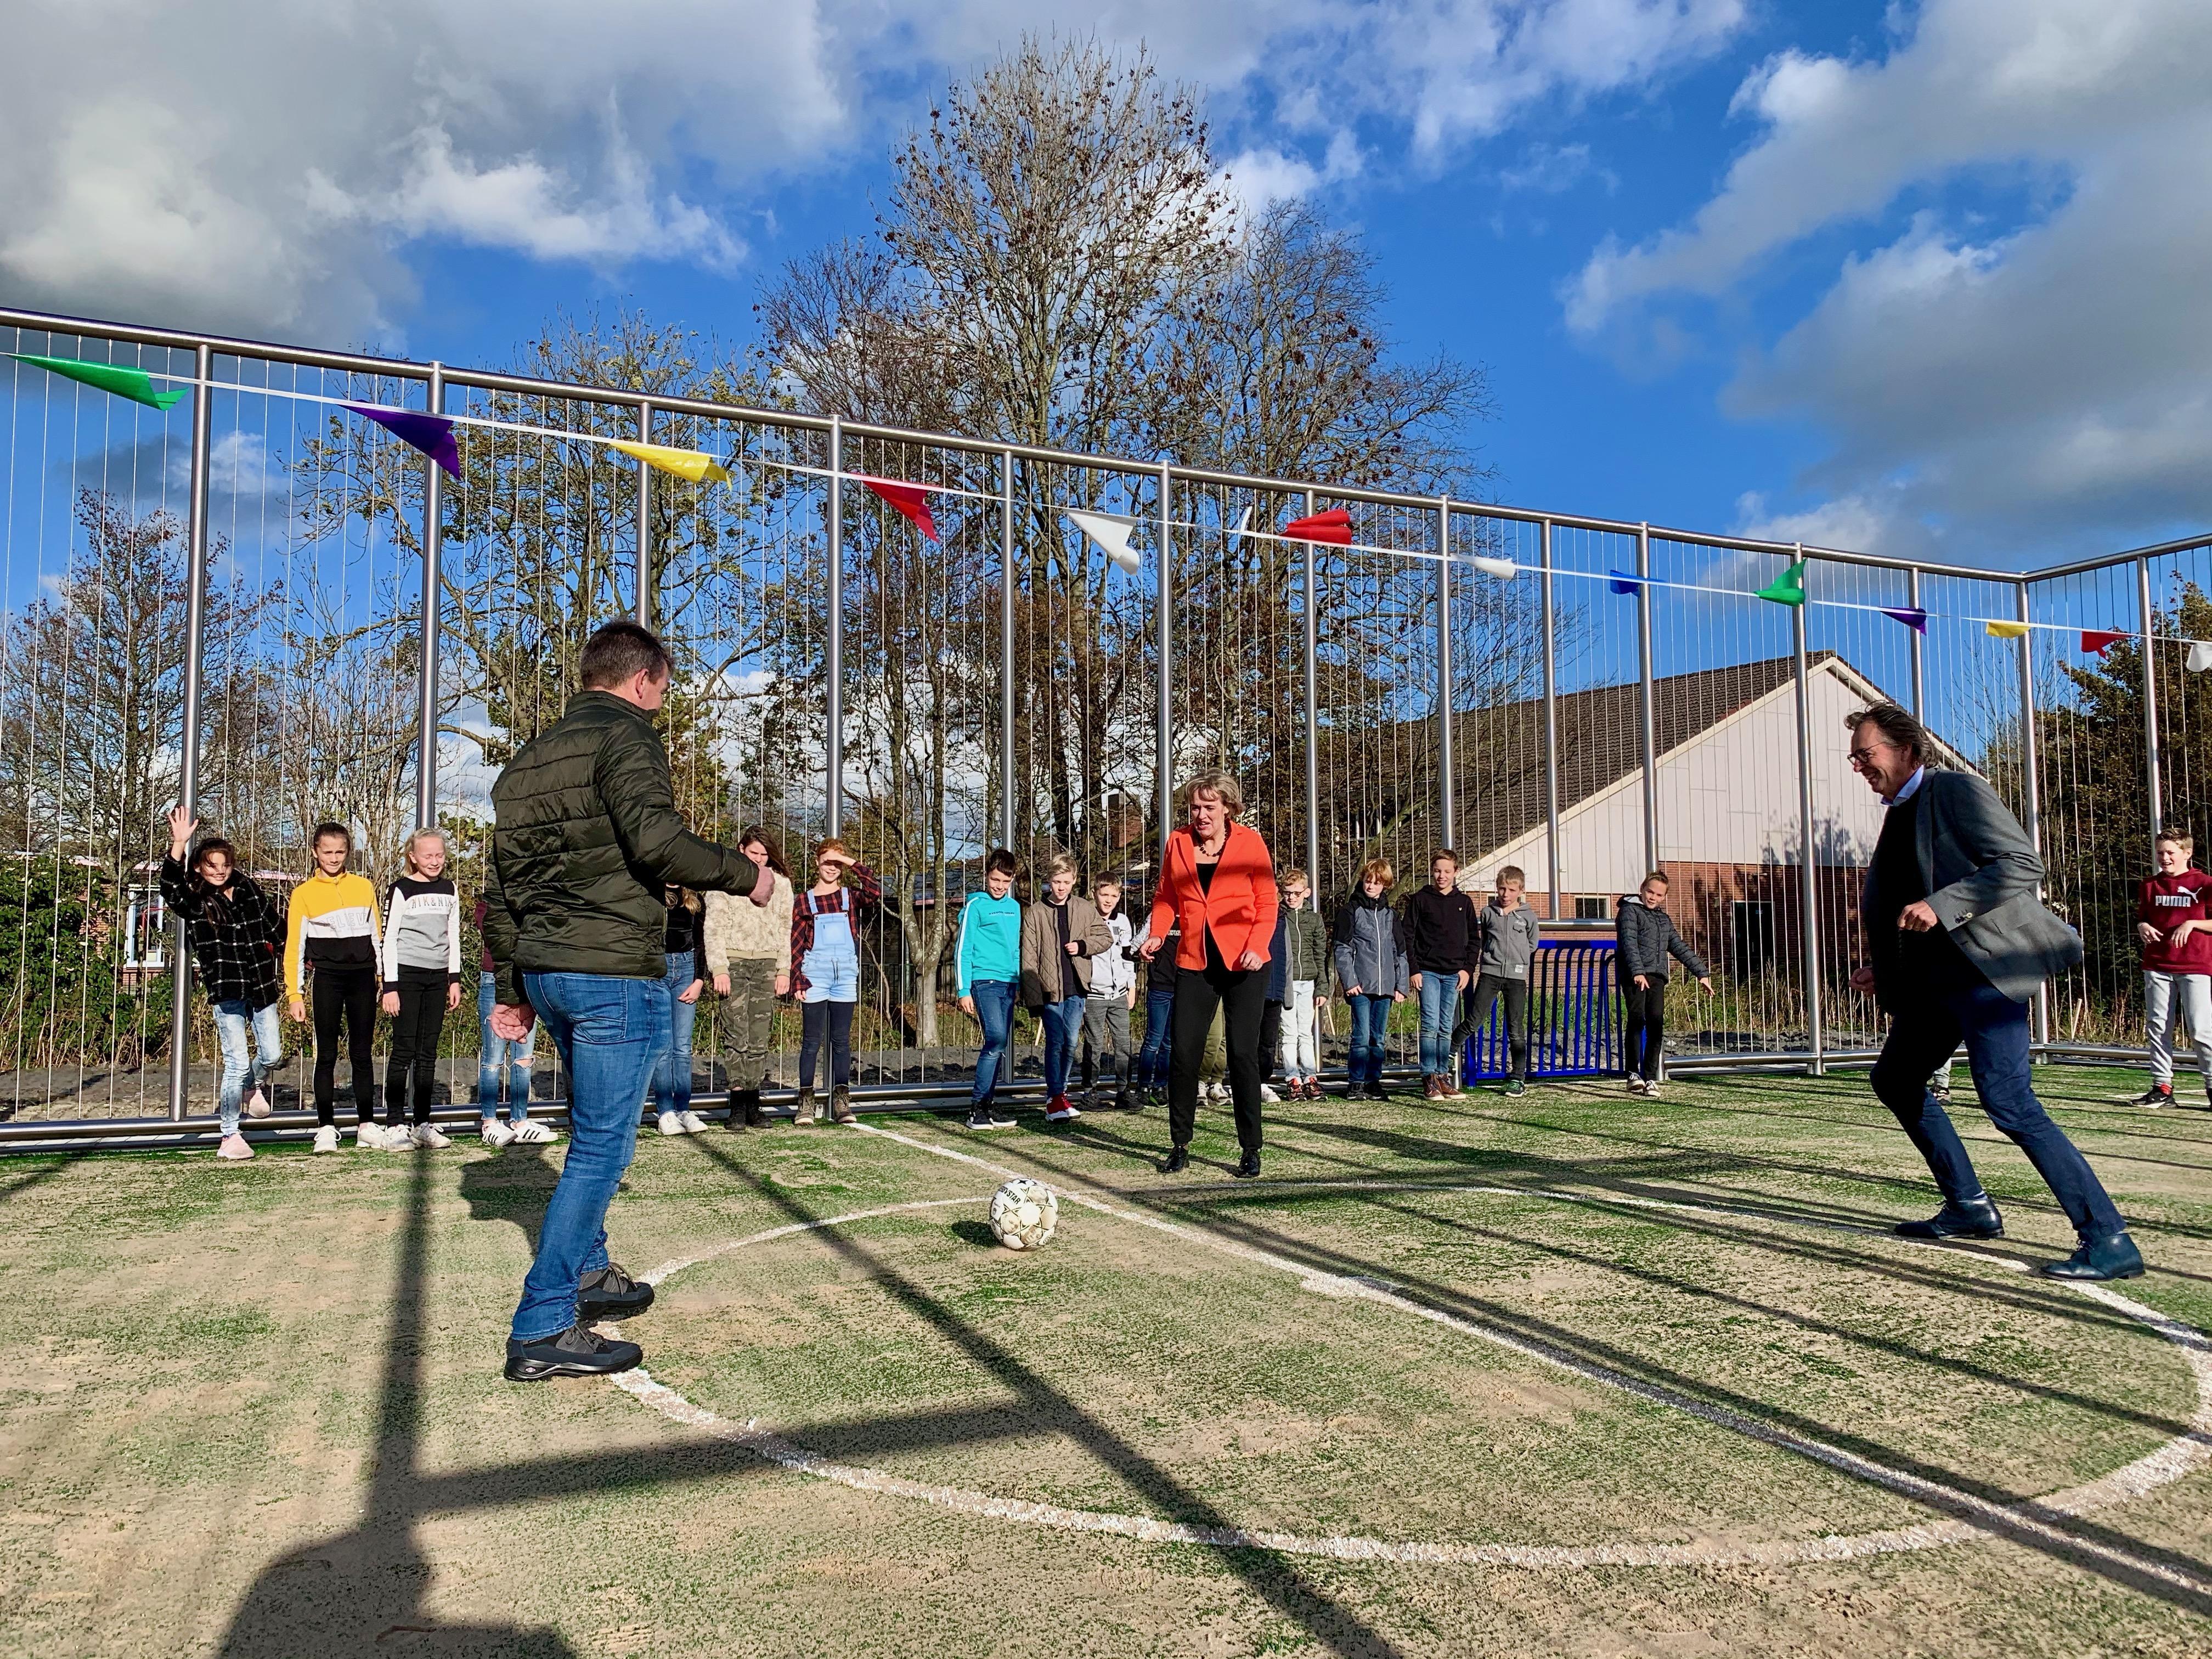 Voetballen maar! Roestvrij stalen sportkooi voor Wijdenesser jeugd